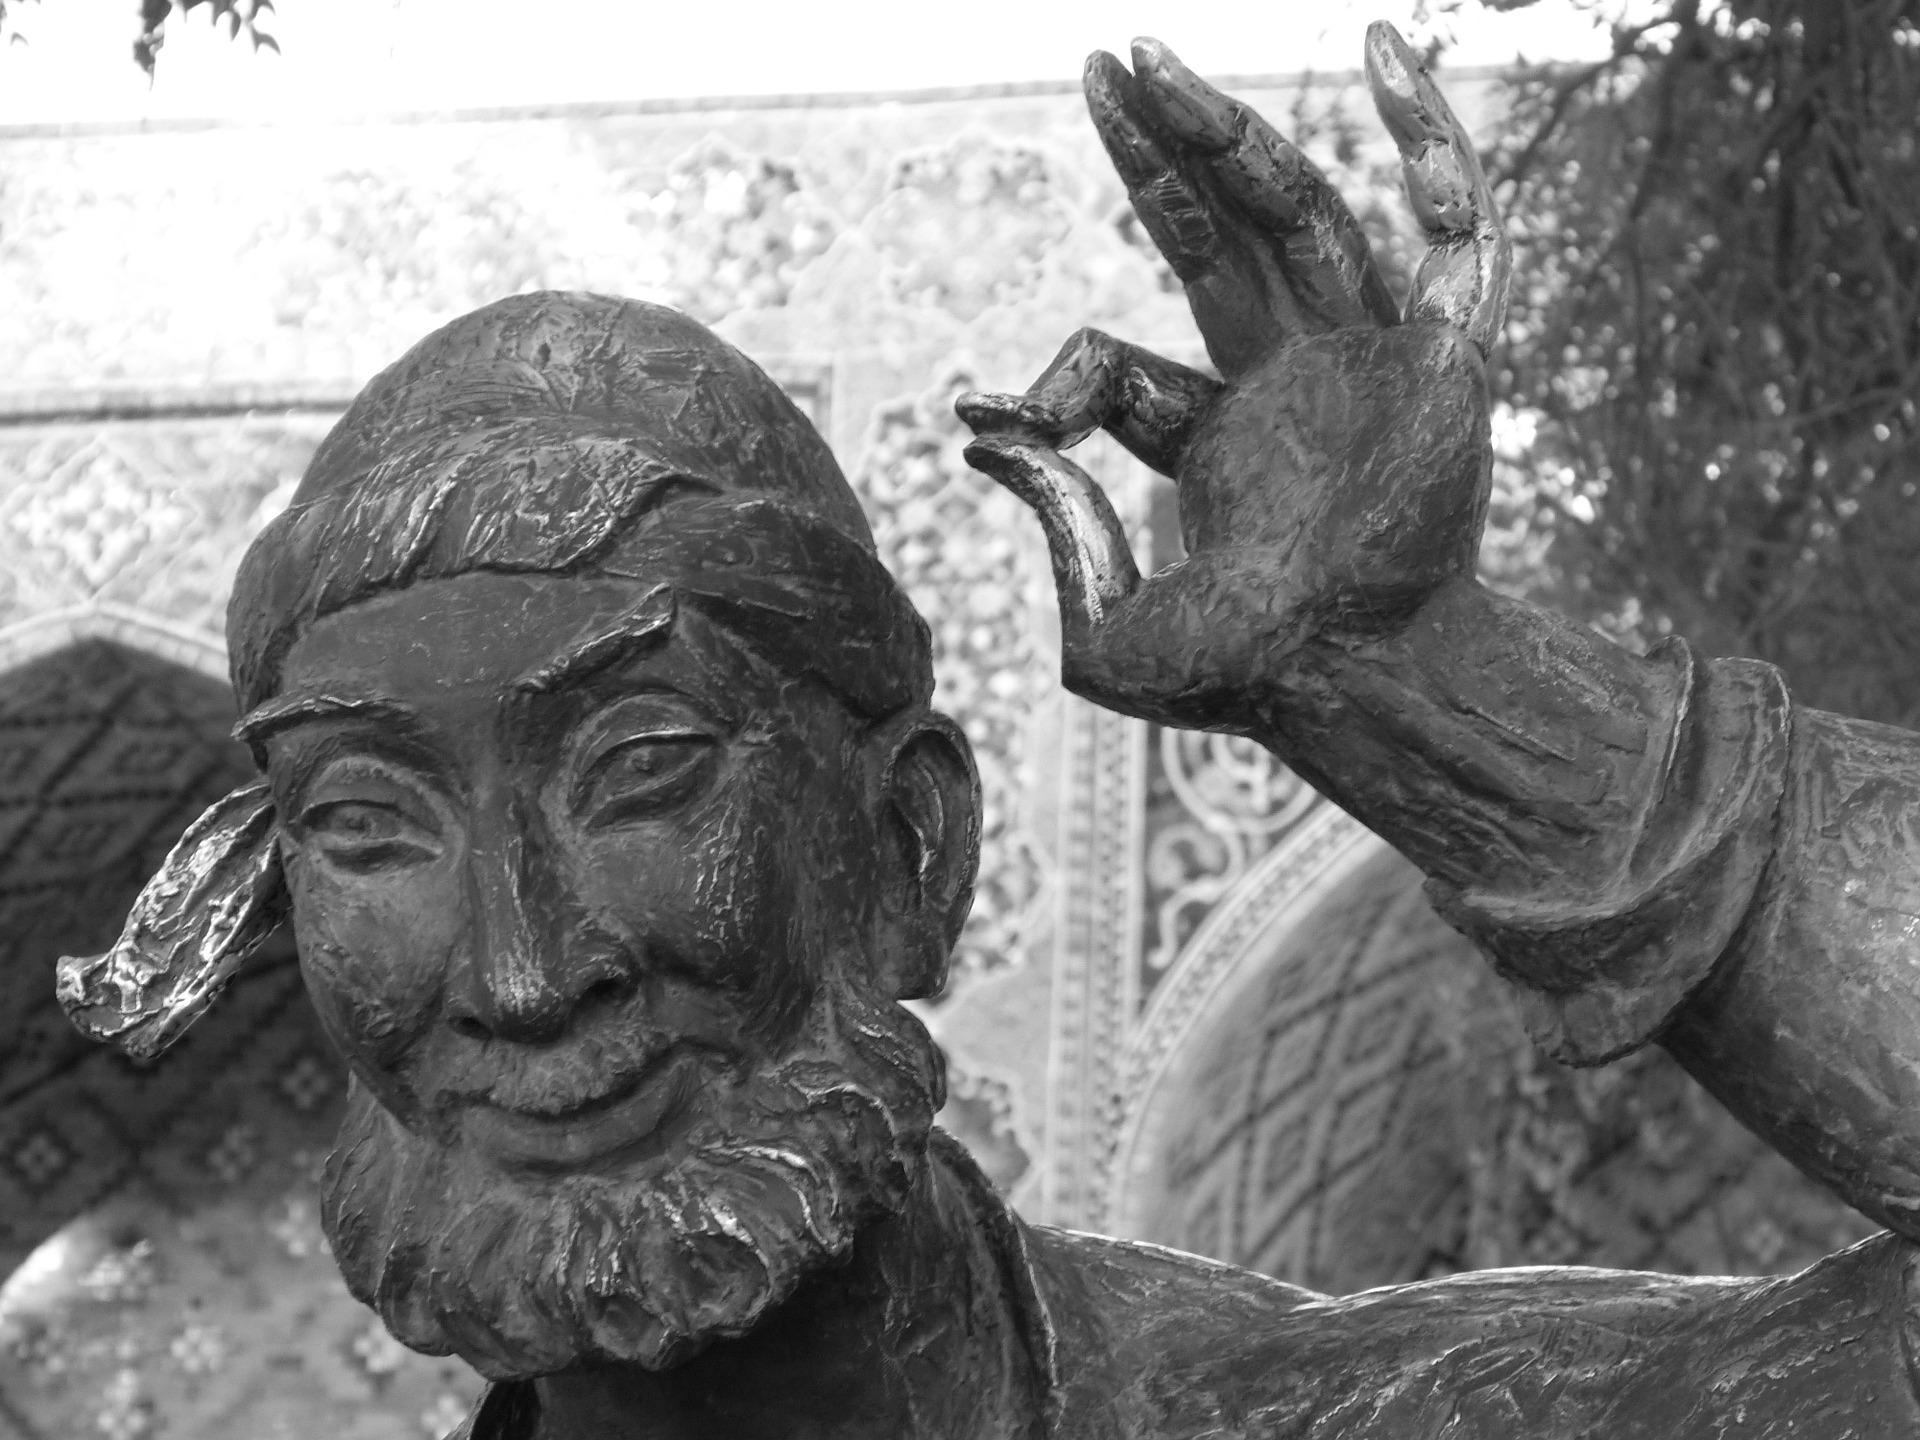 nasreddin-hodja-198781_1920